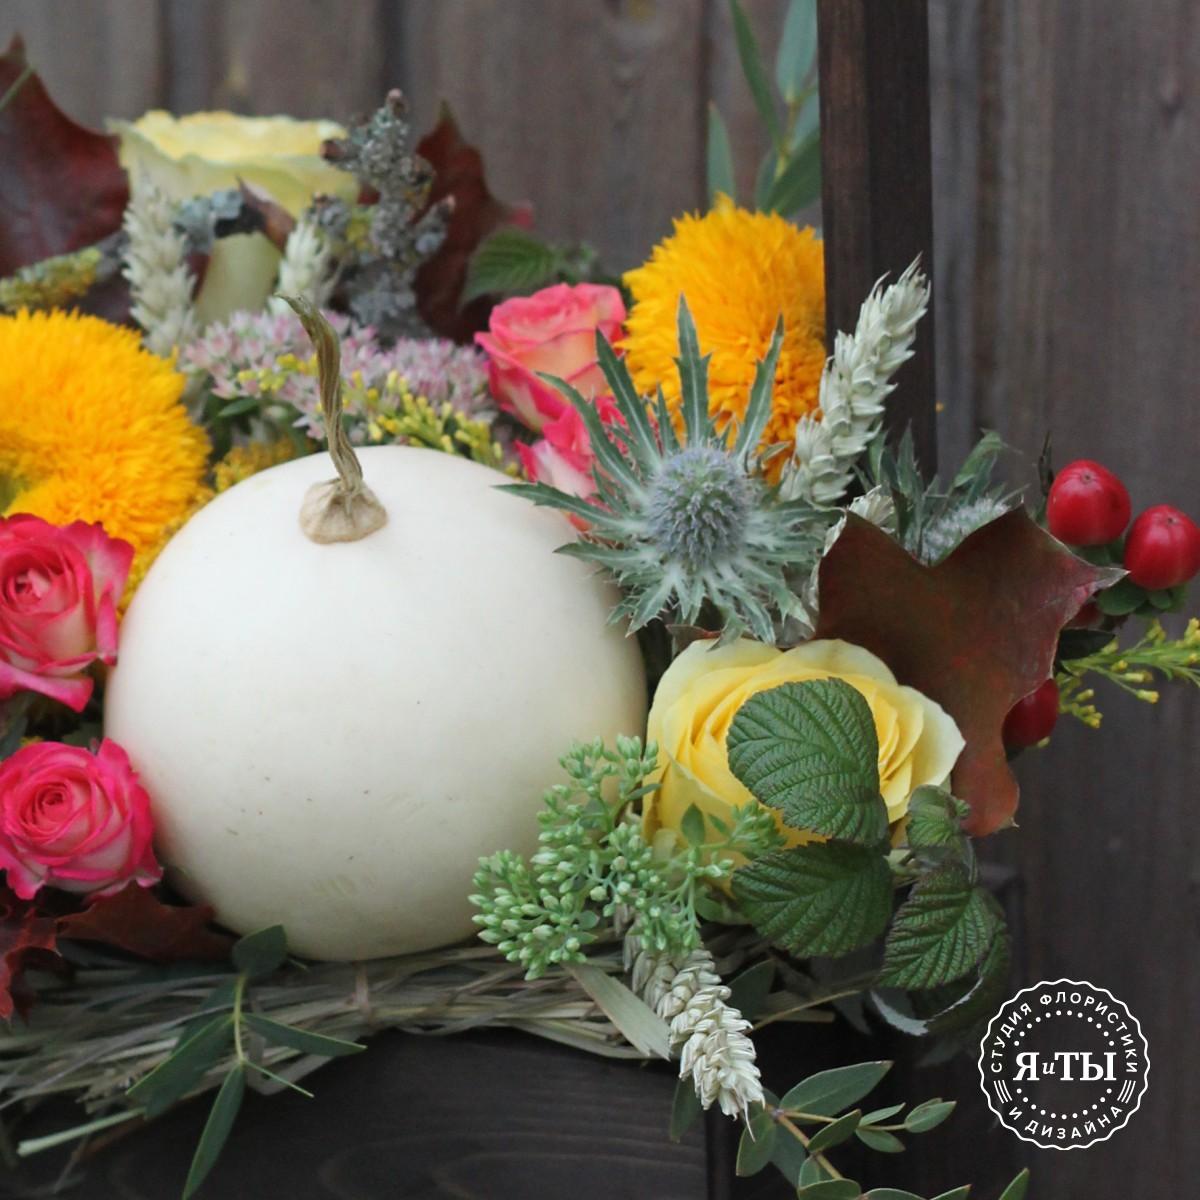 Осенний ящичек с подсолнухами и тыквой